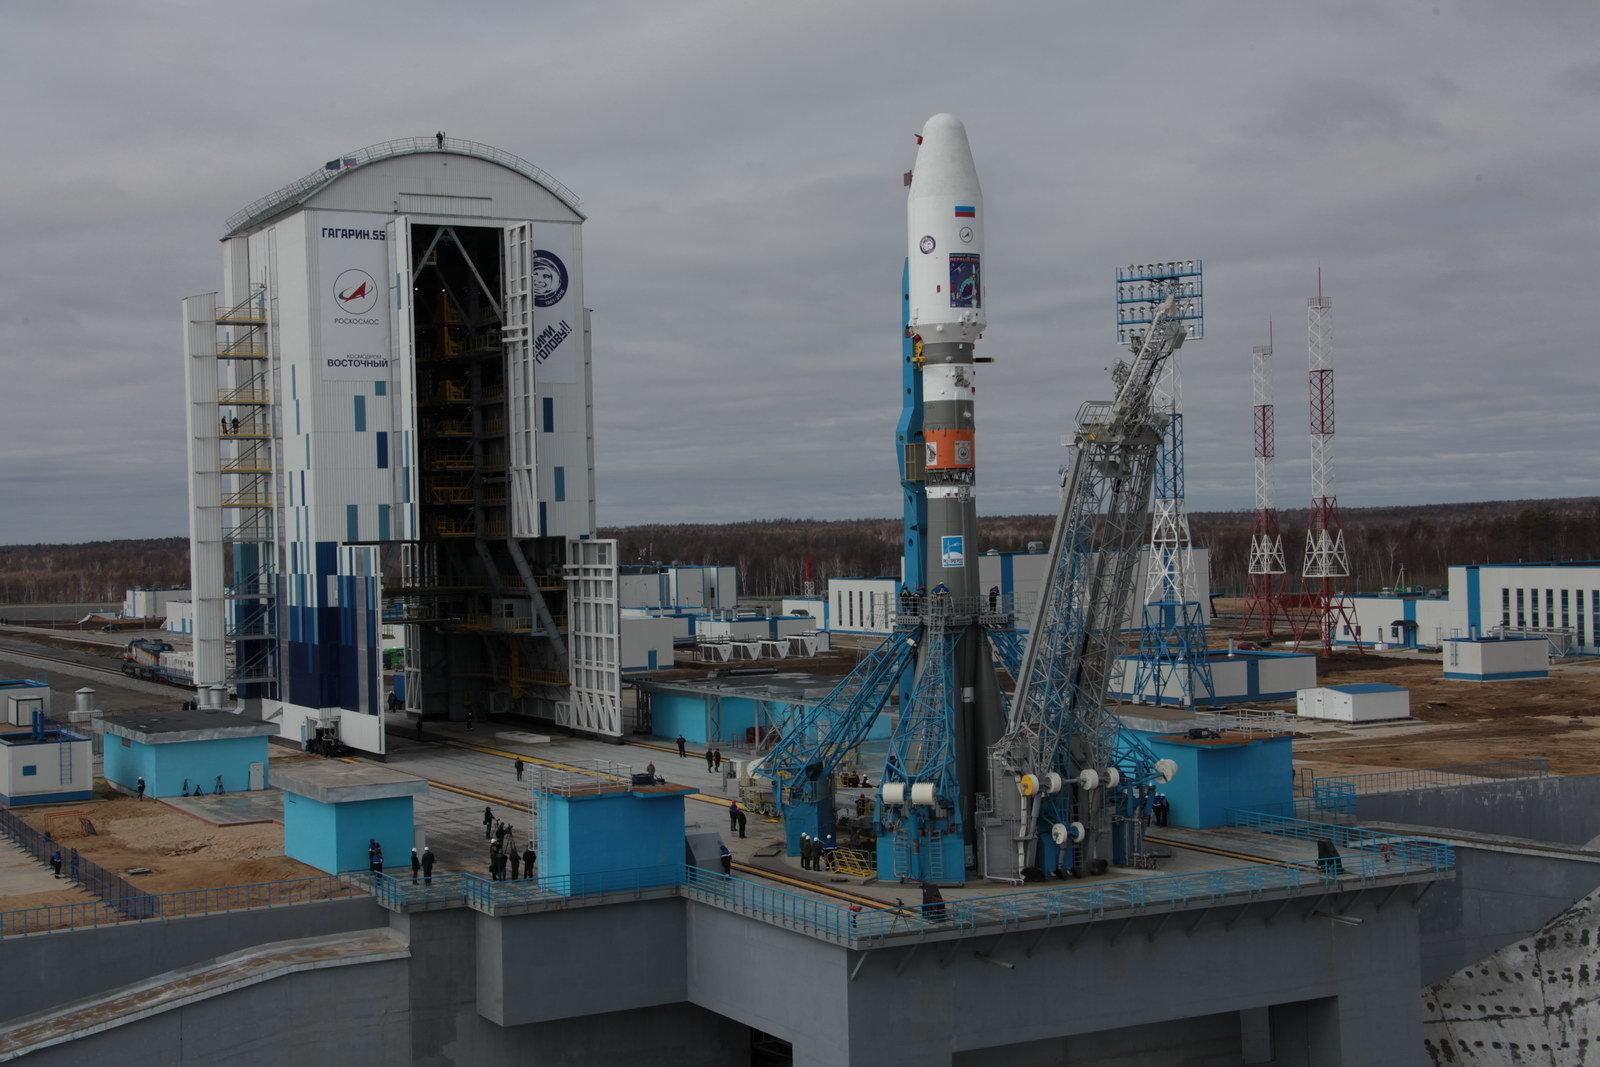 На космодроме Восточный установили ракету-носитель «Союз 2.1а» для первого запуска - 1